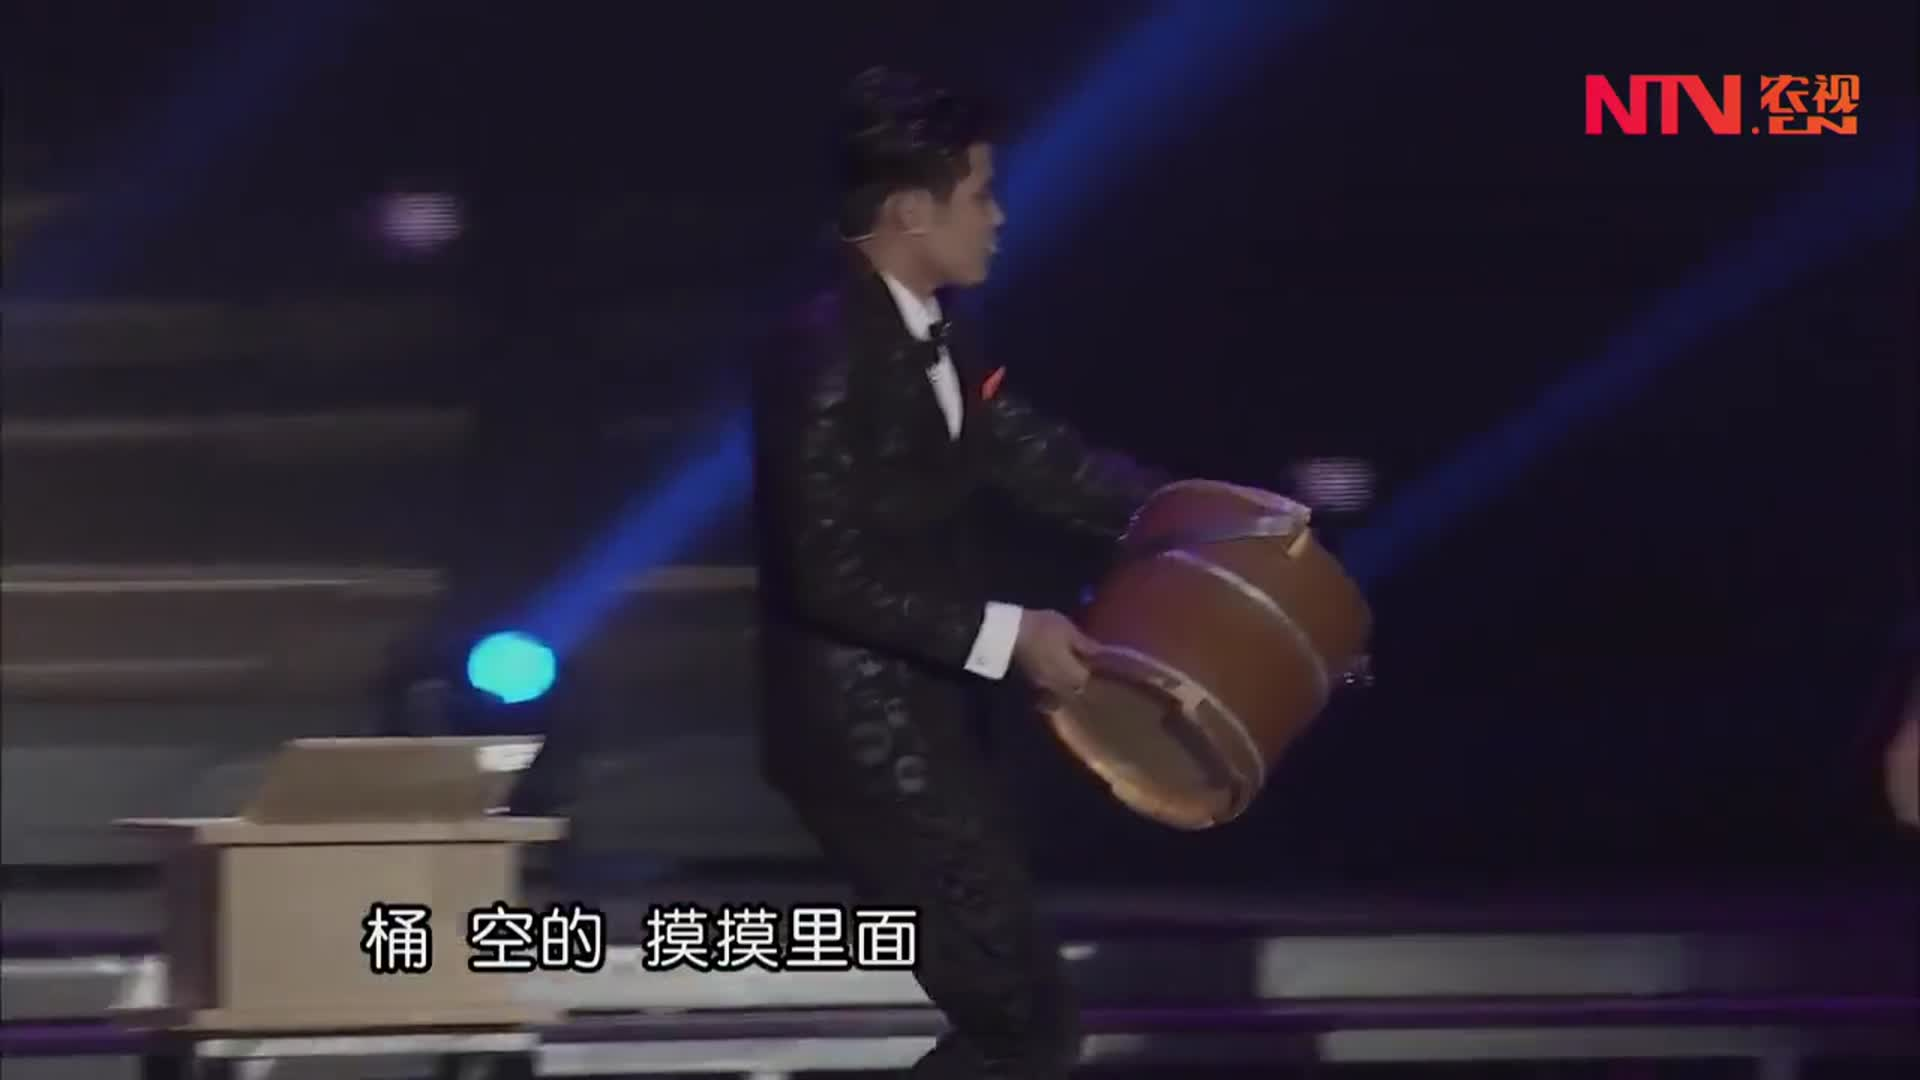 小伙表演魔术移动的鸭子,竟然能隔空把鸭子变到木桶里,太神奇了